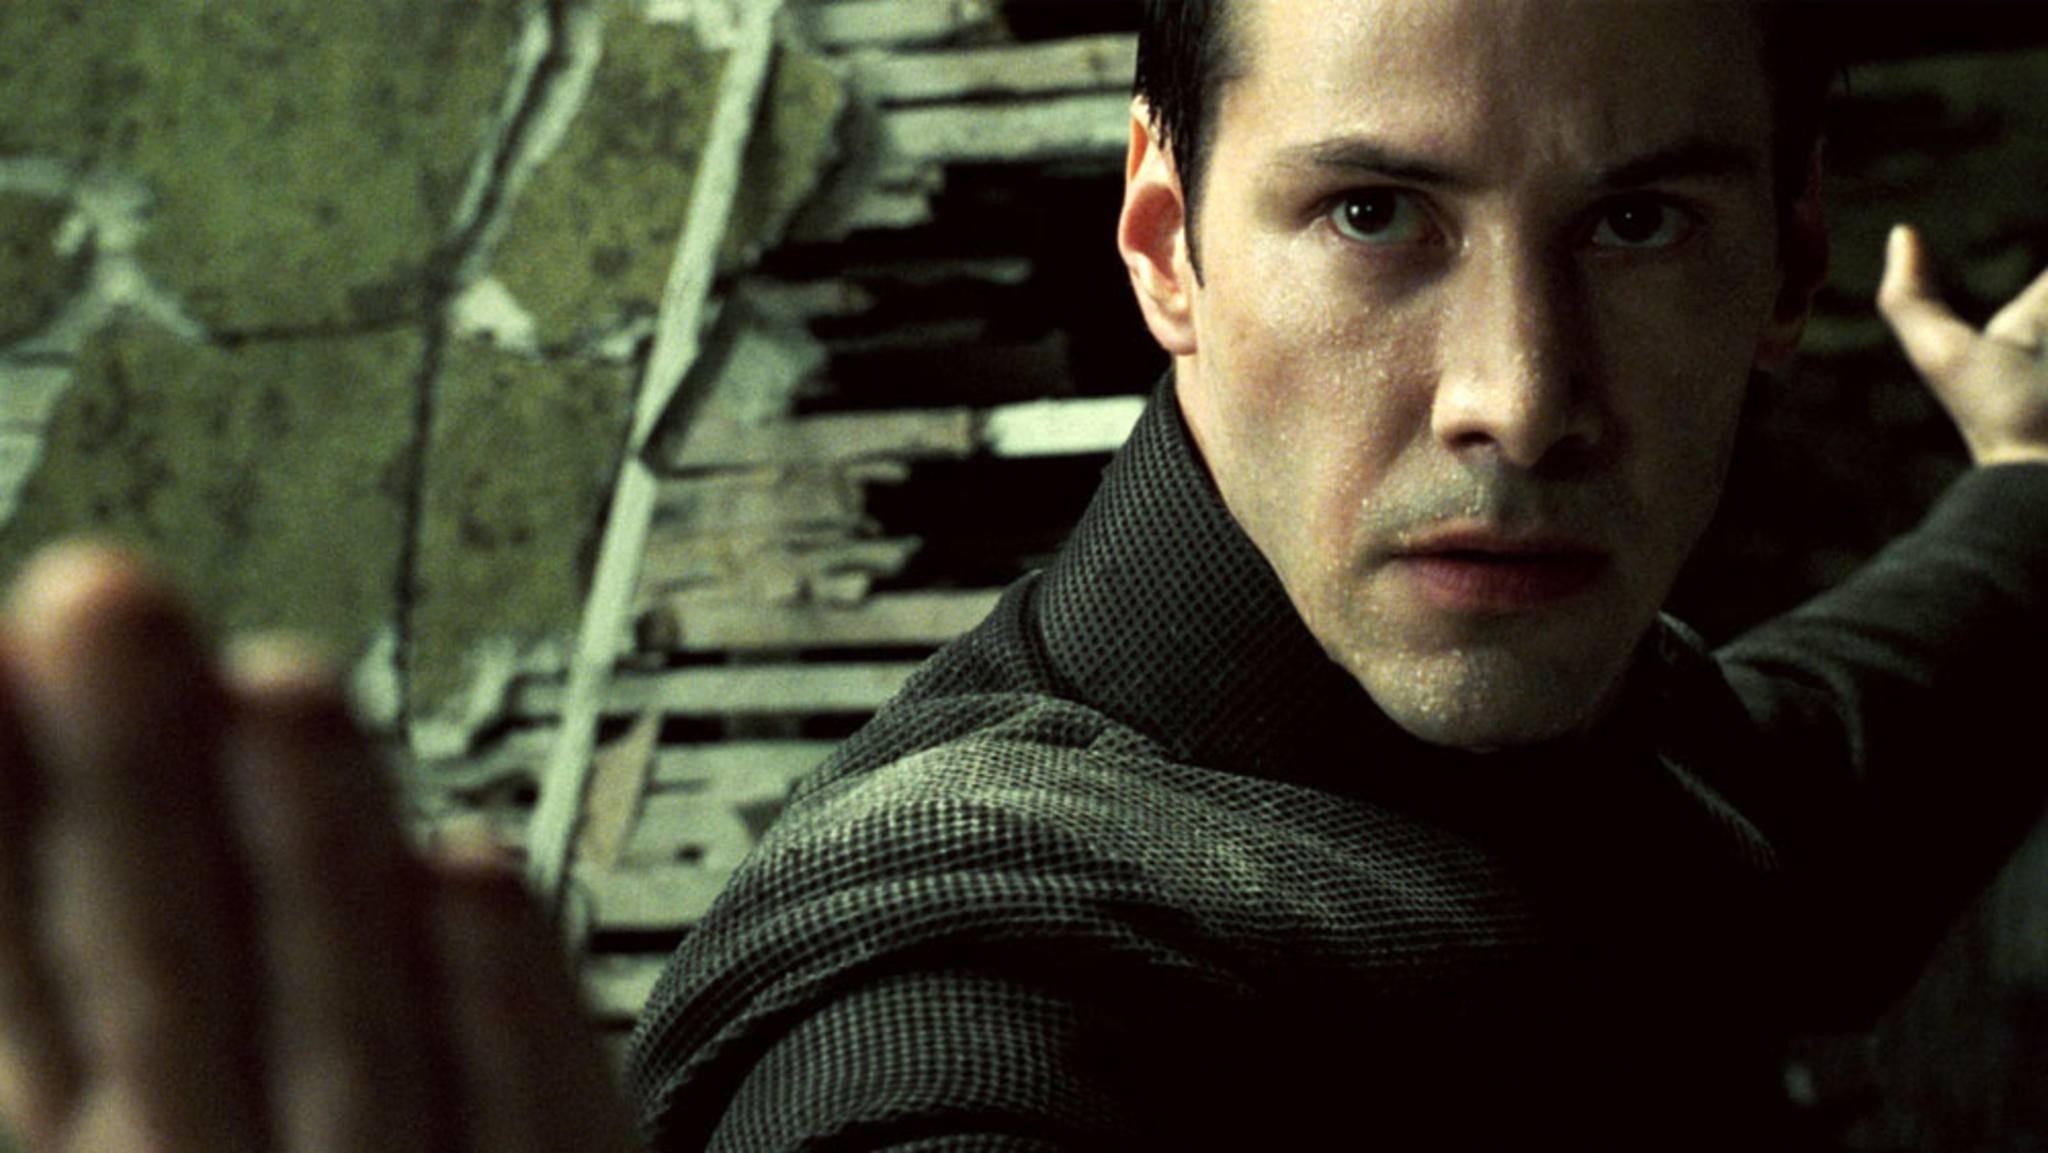 Ist Neo einem Irrglauben aufgesessen? Und hat die Matrix nie wirklich verlassen? Findige Fans behaupten das in einer interessanten Theorie.